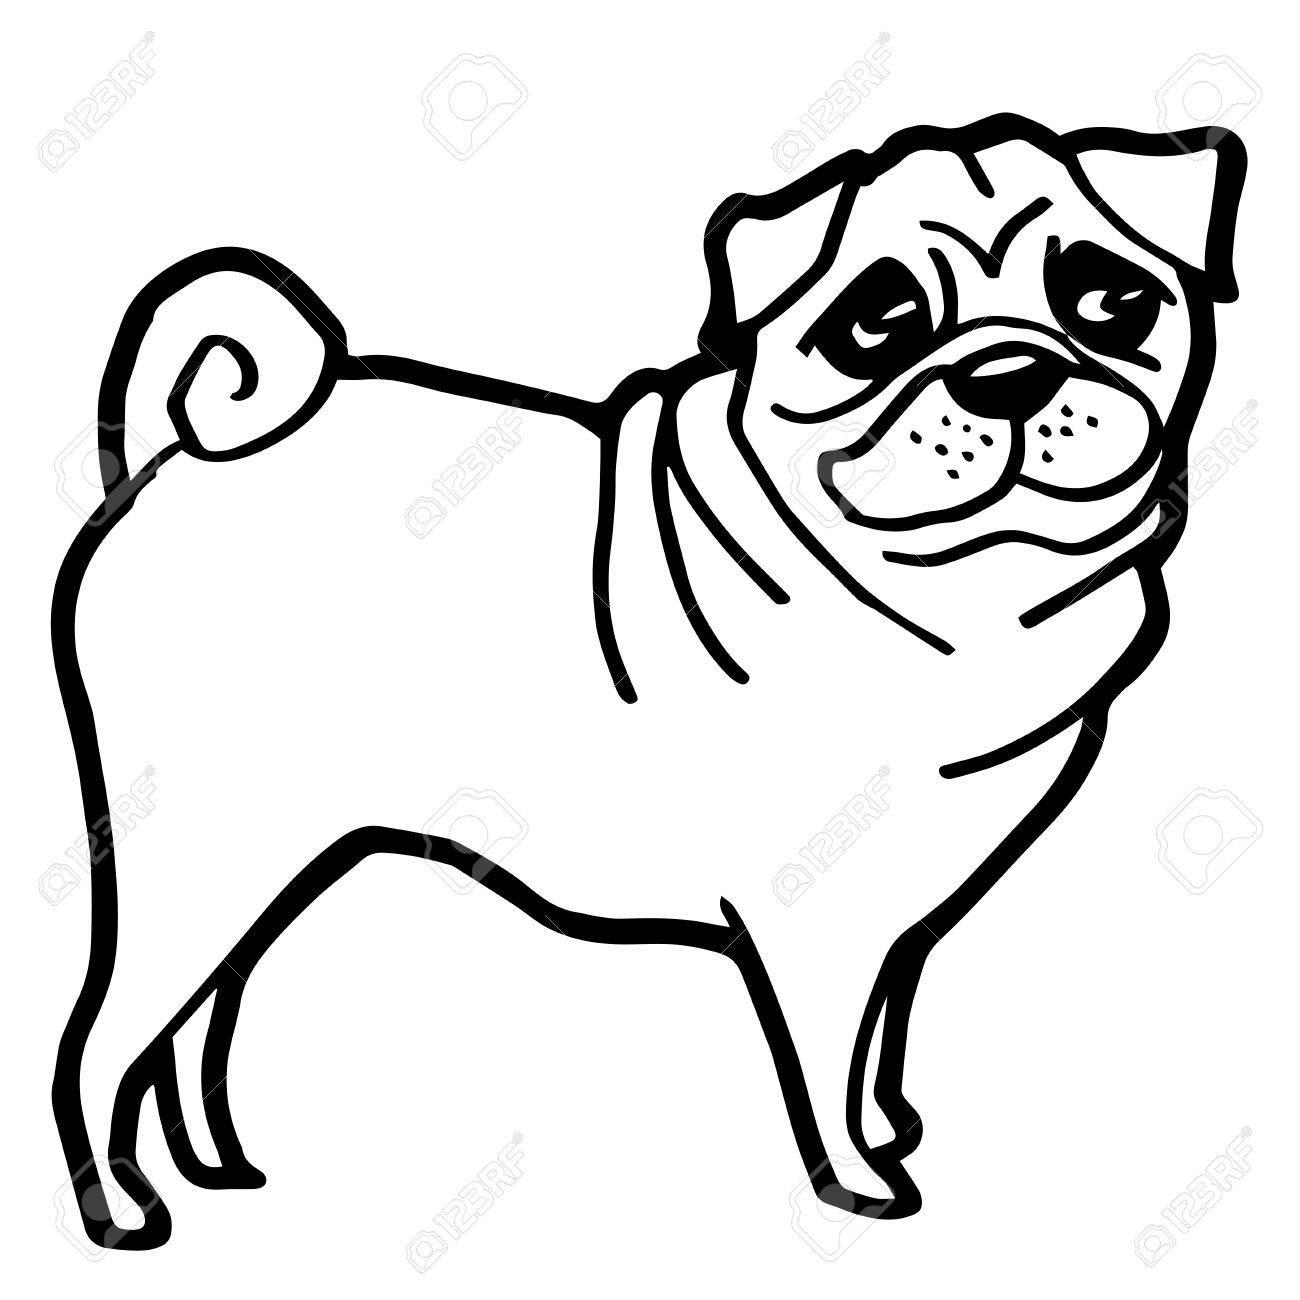 Increíble Dibujos De Perros Pug Para Colorear